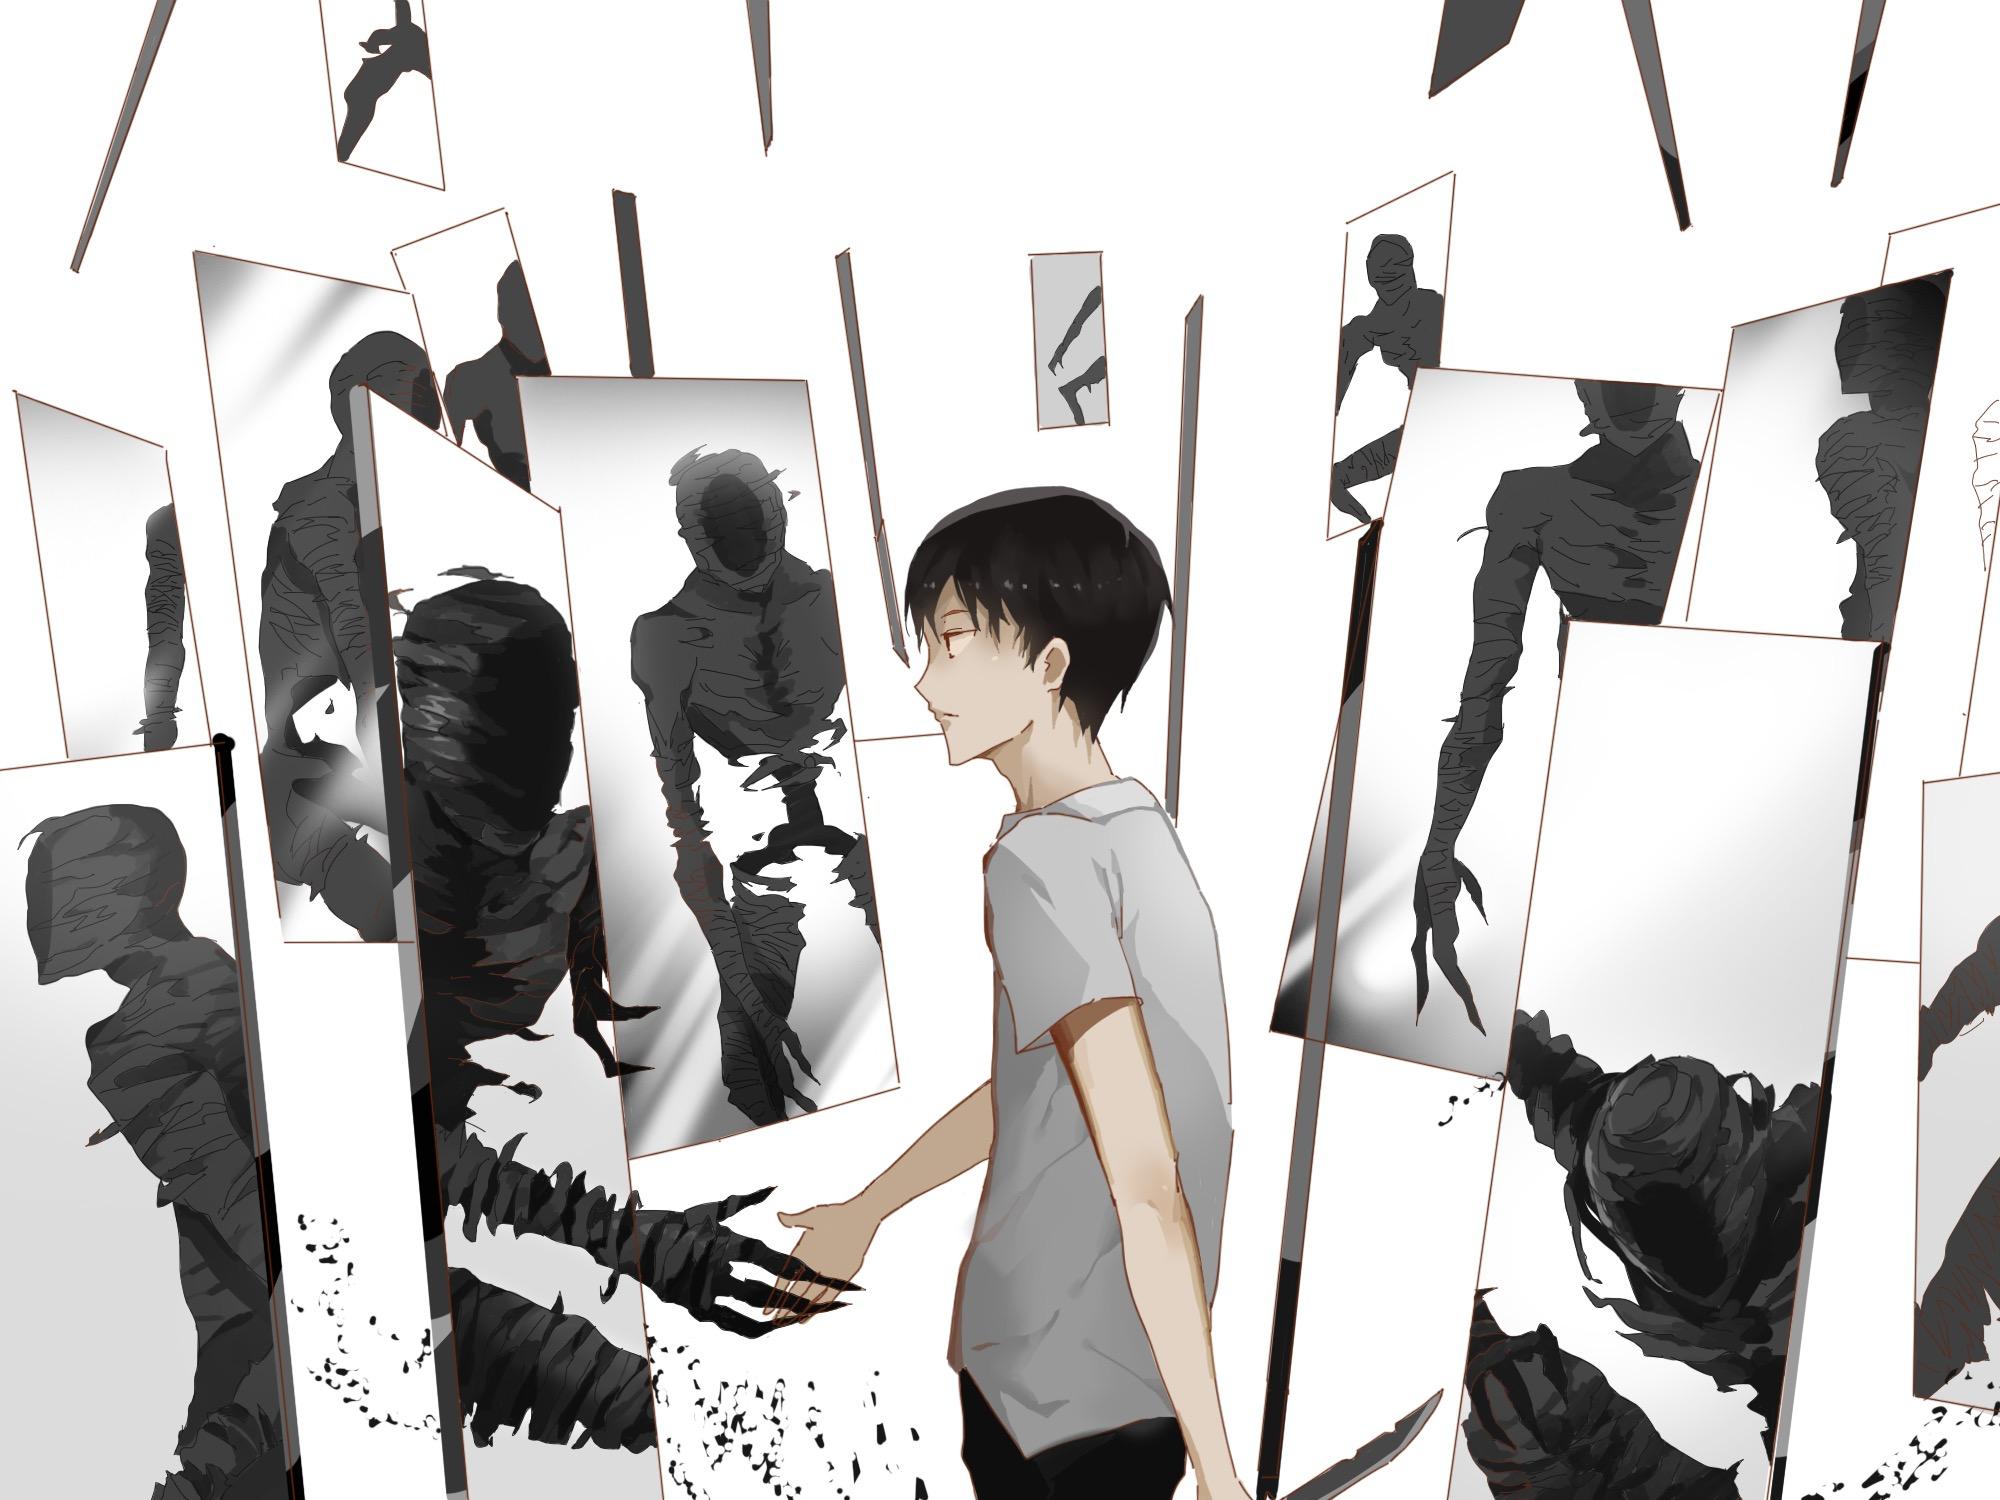 鏡の中の黒い幽霊と圭の亜人の壁紙